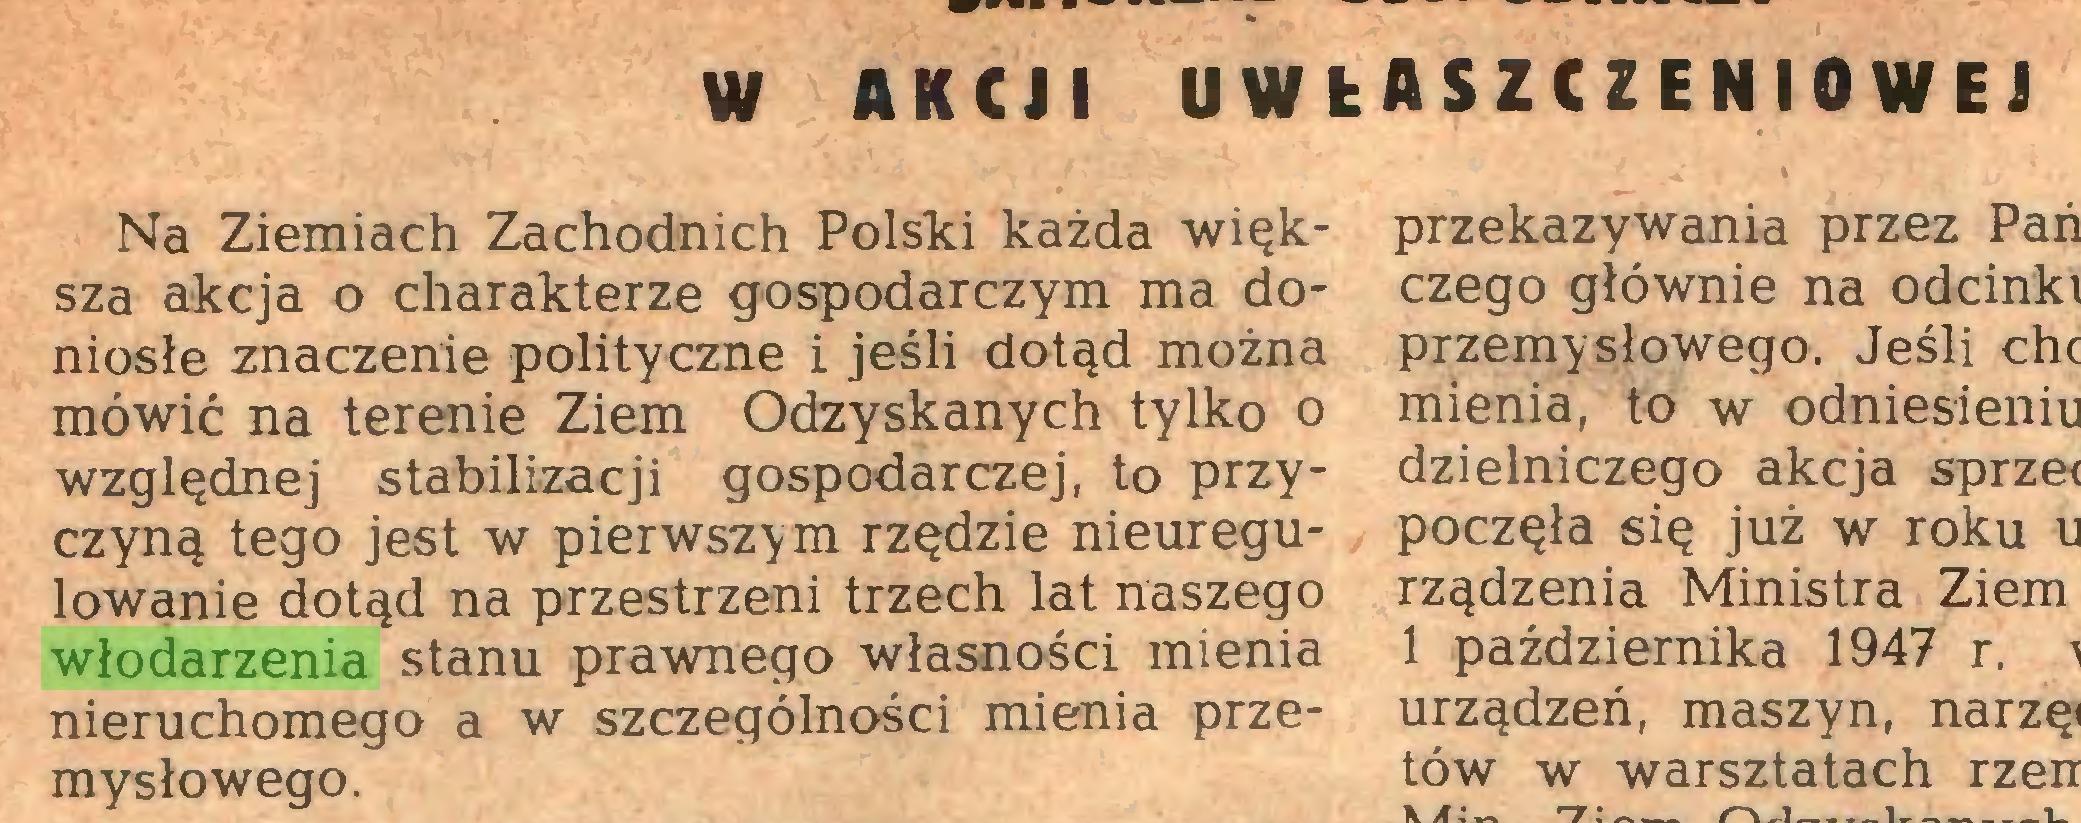 (...) W AKCJI UWŁASZCZENIOWEJ Na Ziemiach Zachodnich Polski każda większa akcja o charakterze gospodarczym ma doniosłe znaczenie polityczne i jeśli dotąd można mówić na terenie Ziem Odzyskanych tylko o względnej stabilizacji gospodarczej, to przyczyną tego jest w pierwszym rzędzie nieuregulowanie dotąd na przestrzeni trzech lat naszego włodarzenia stanu prawnego własności mienia nieruchomego a w szczególności mienia przemysłowego...